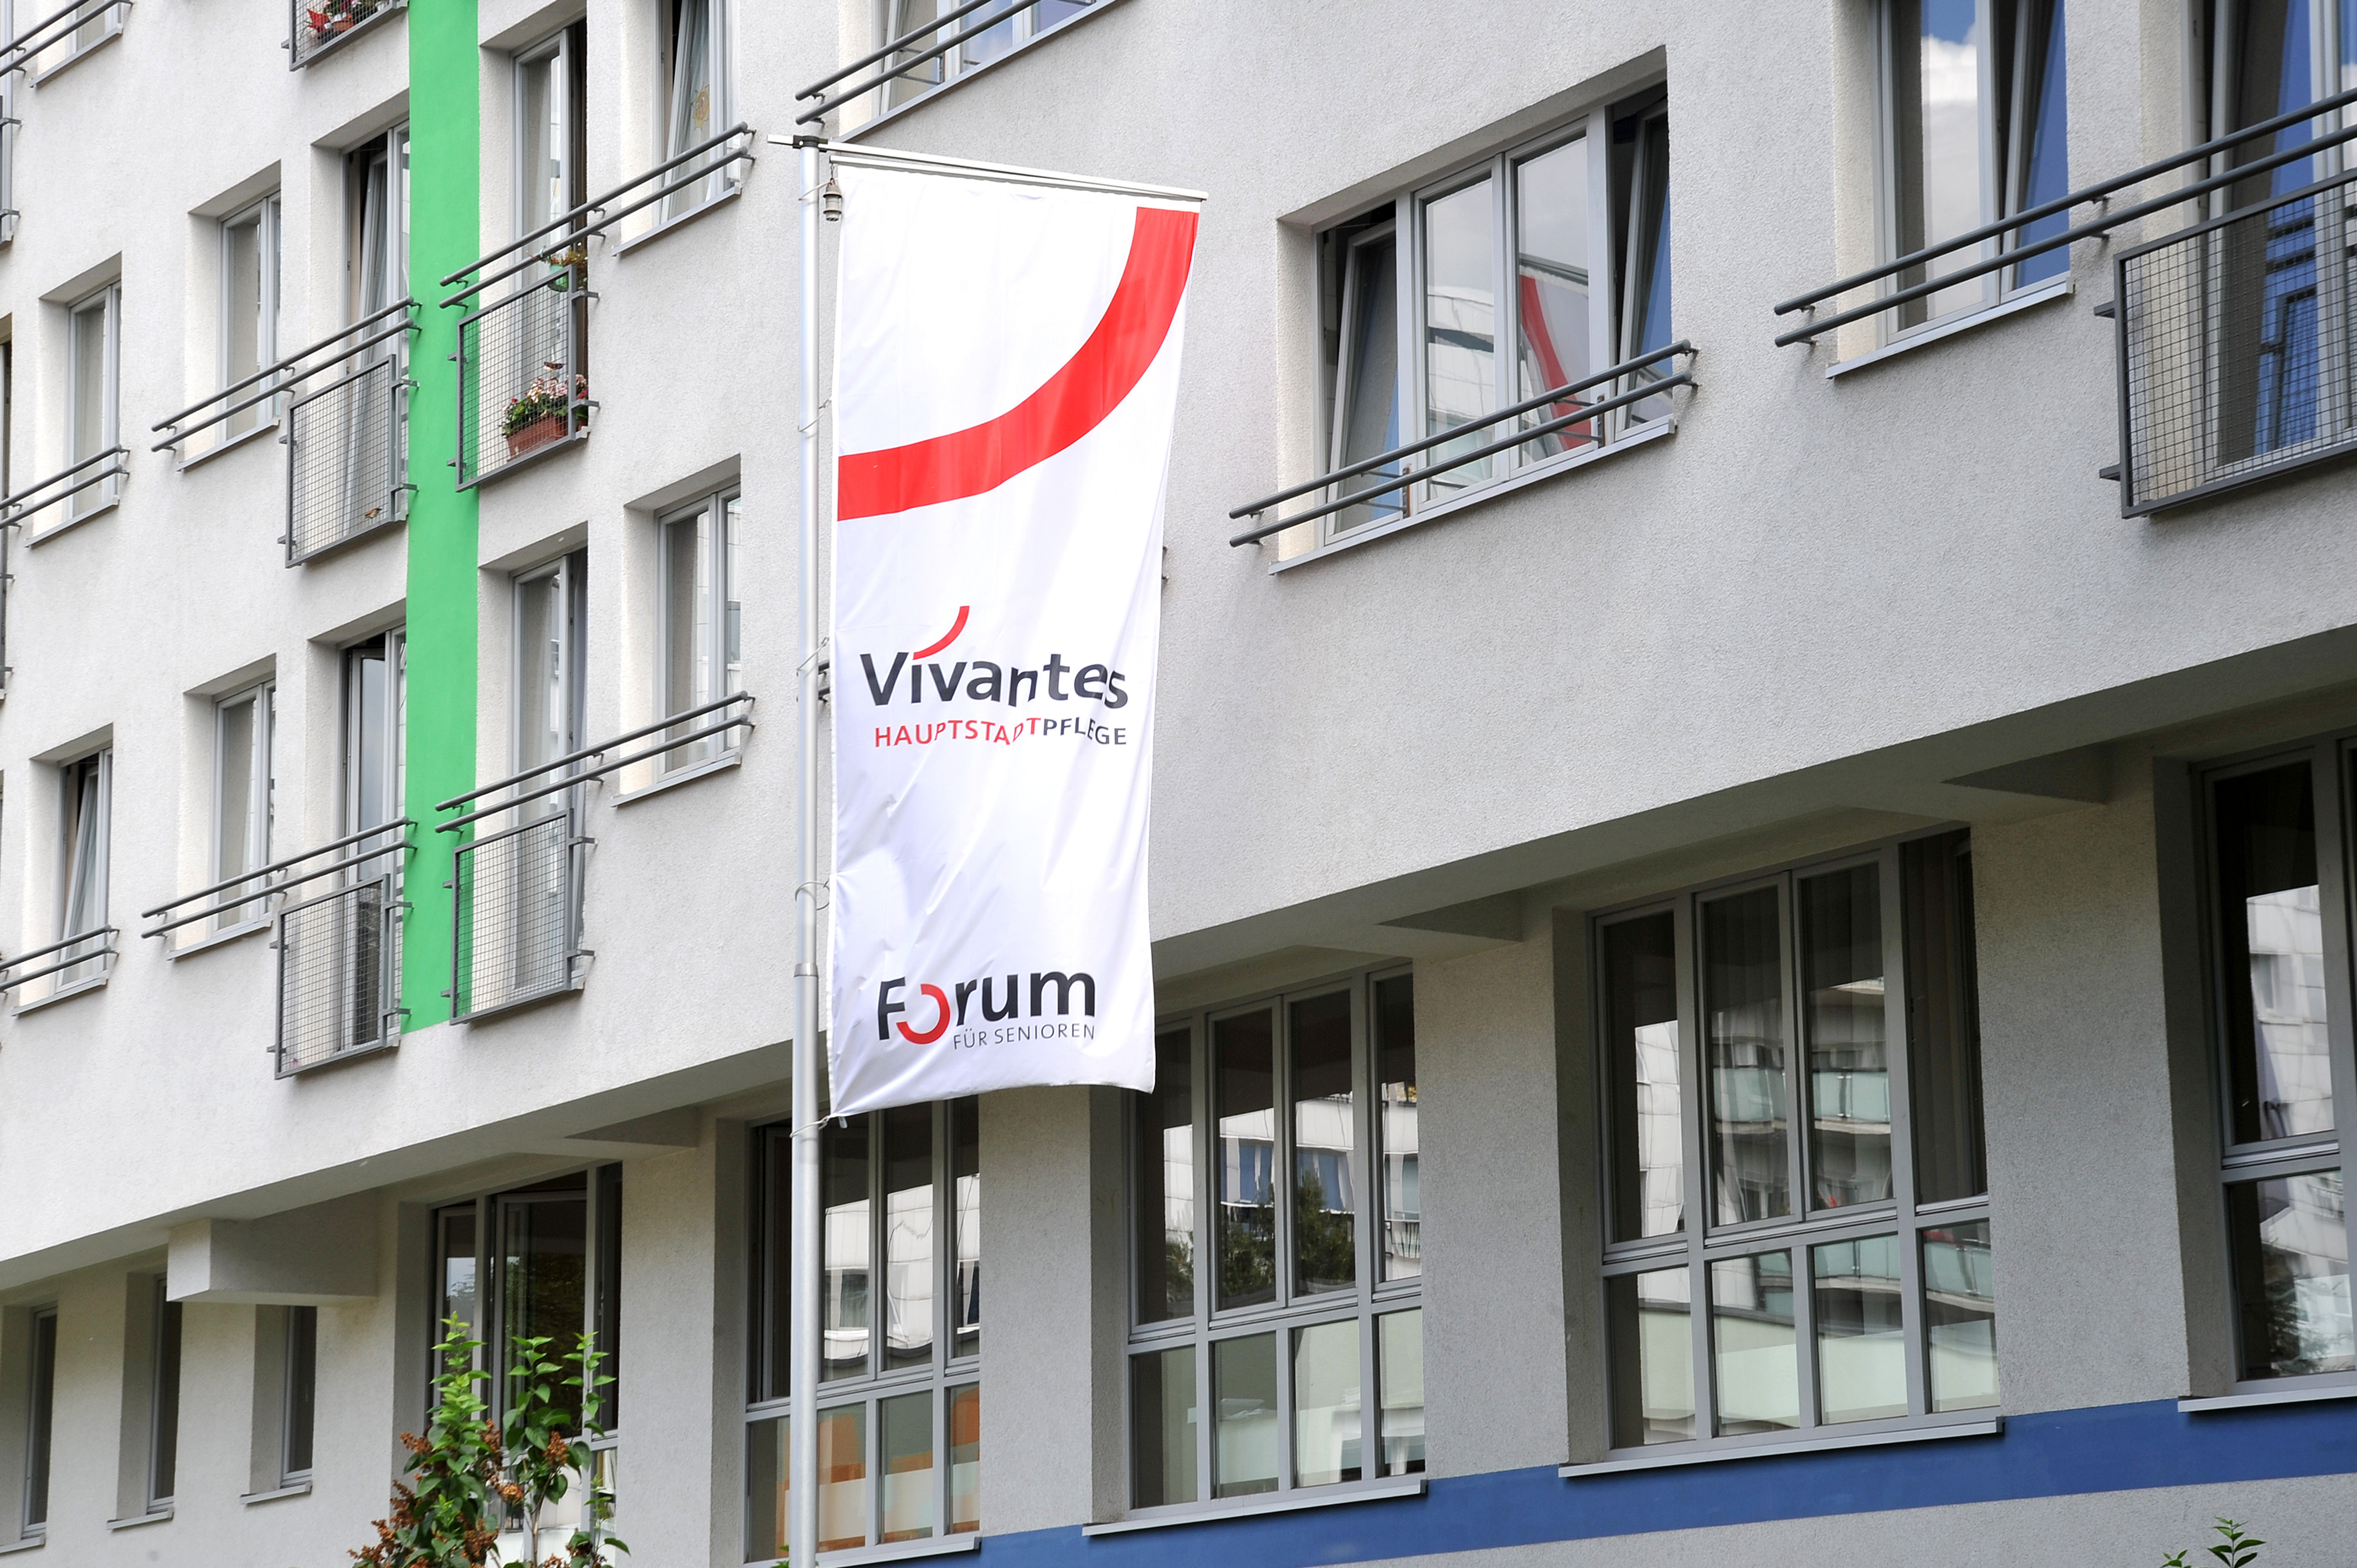 vivantes hauptstadtpflege haus jahreszeiten in berlin. Black Bedroom Furniture Sets. Home Design Ideas